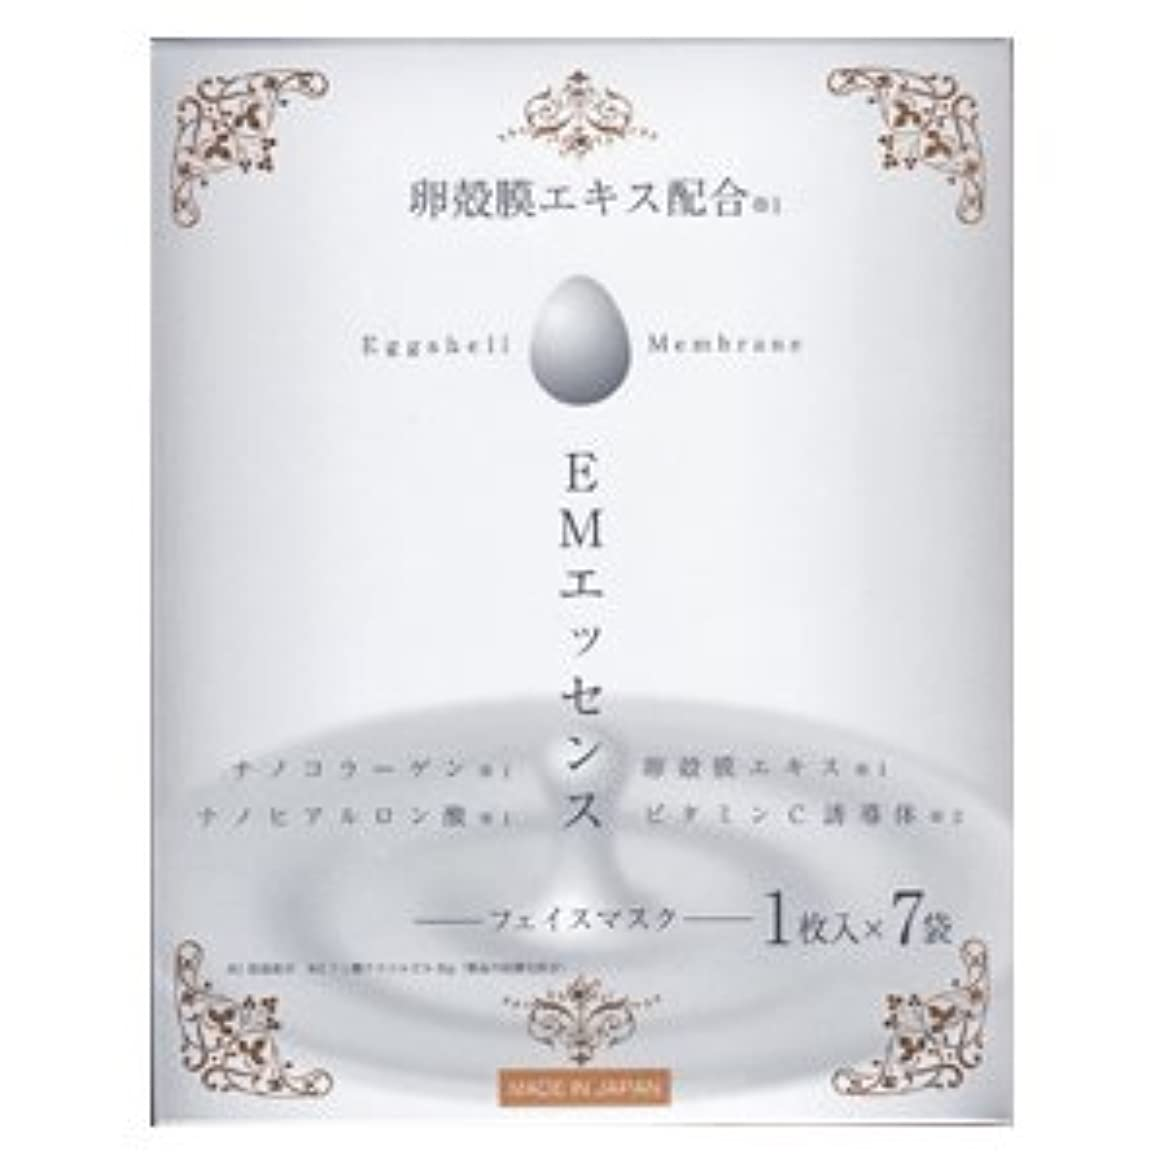 火山学者一貫した付添人卵殻膜エキス配合 EMエッセンス フェイスマスク 1枚入×7袋